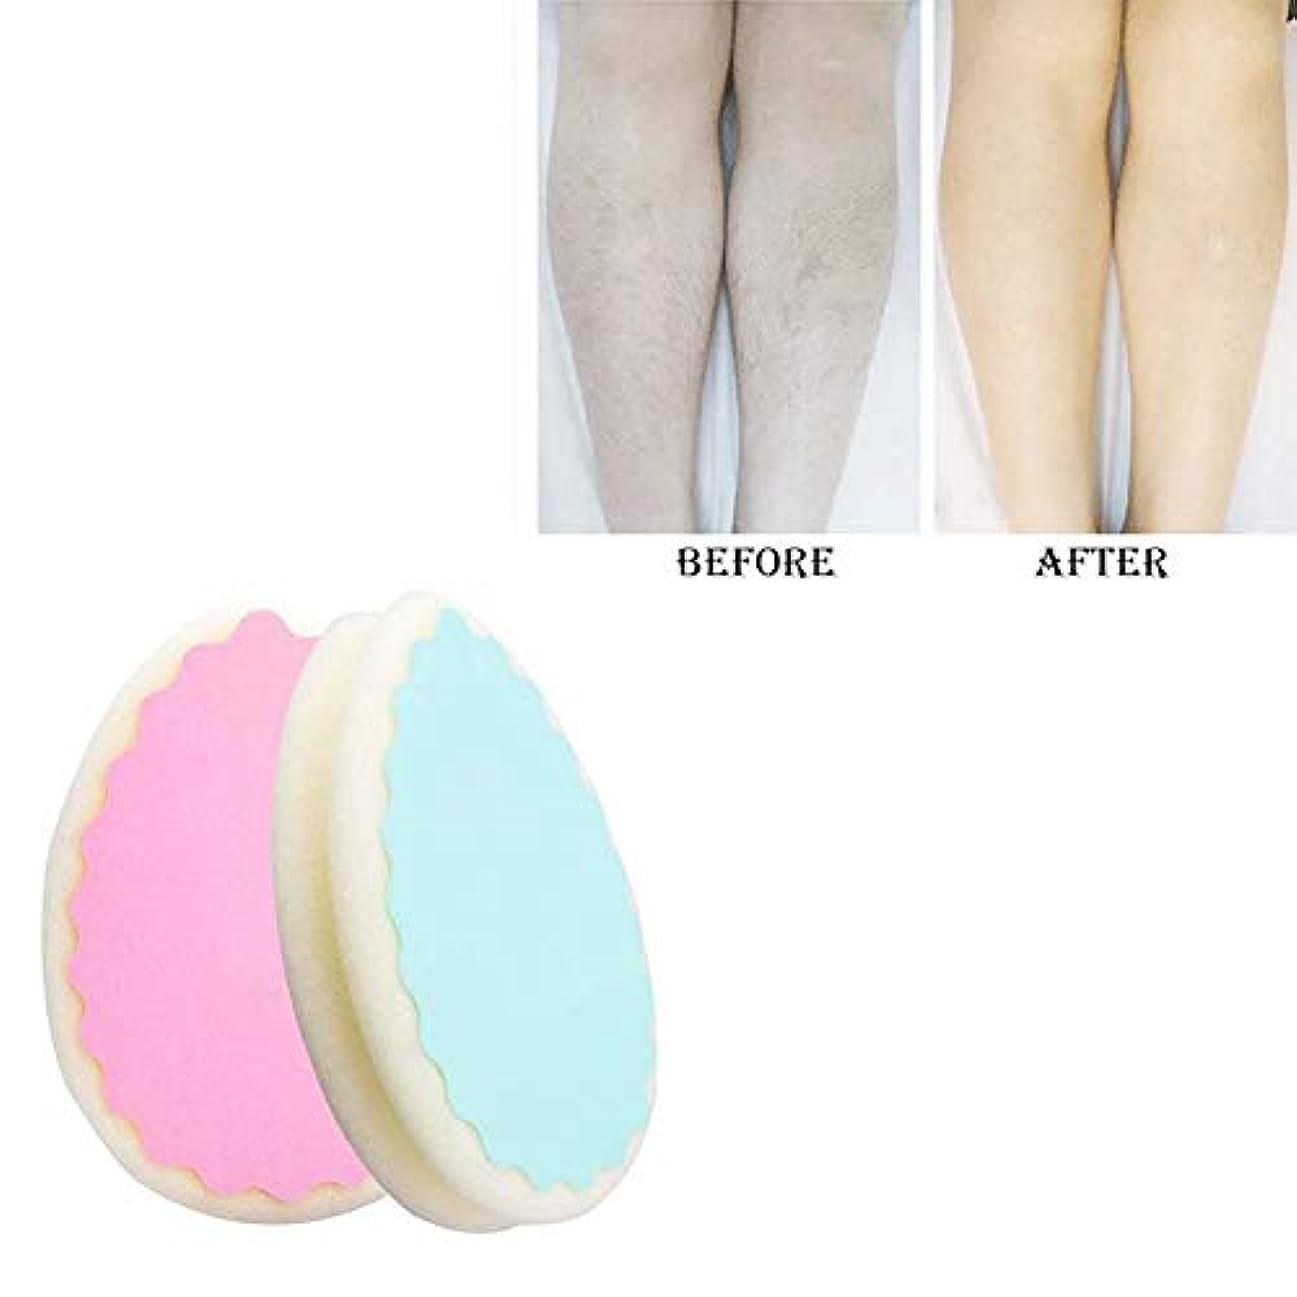 徴収男借りるヘアーリムーバー無痛脱毛スポンジ、両方の男性と女性は脚腕の毛リムーバー効果的な、5PCSを使用して削除することができます